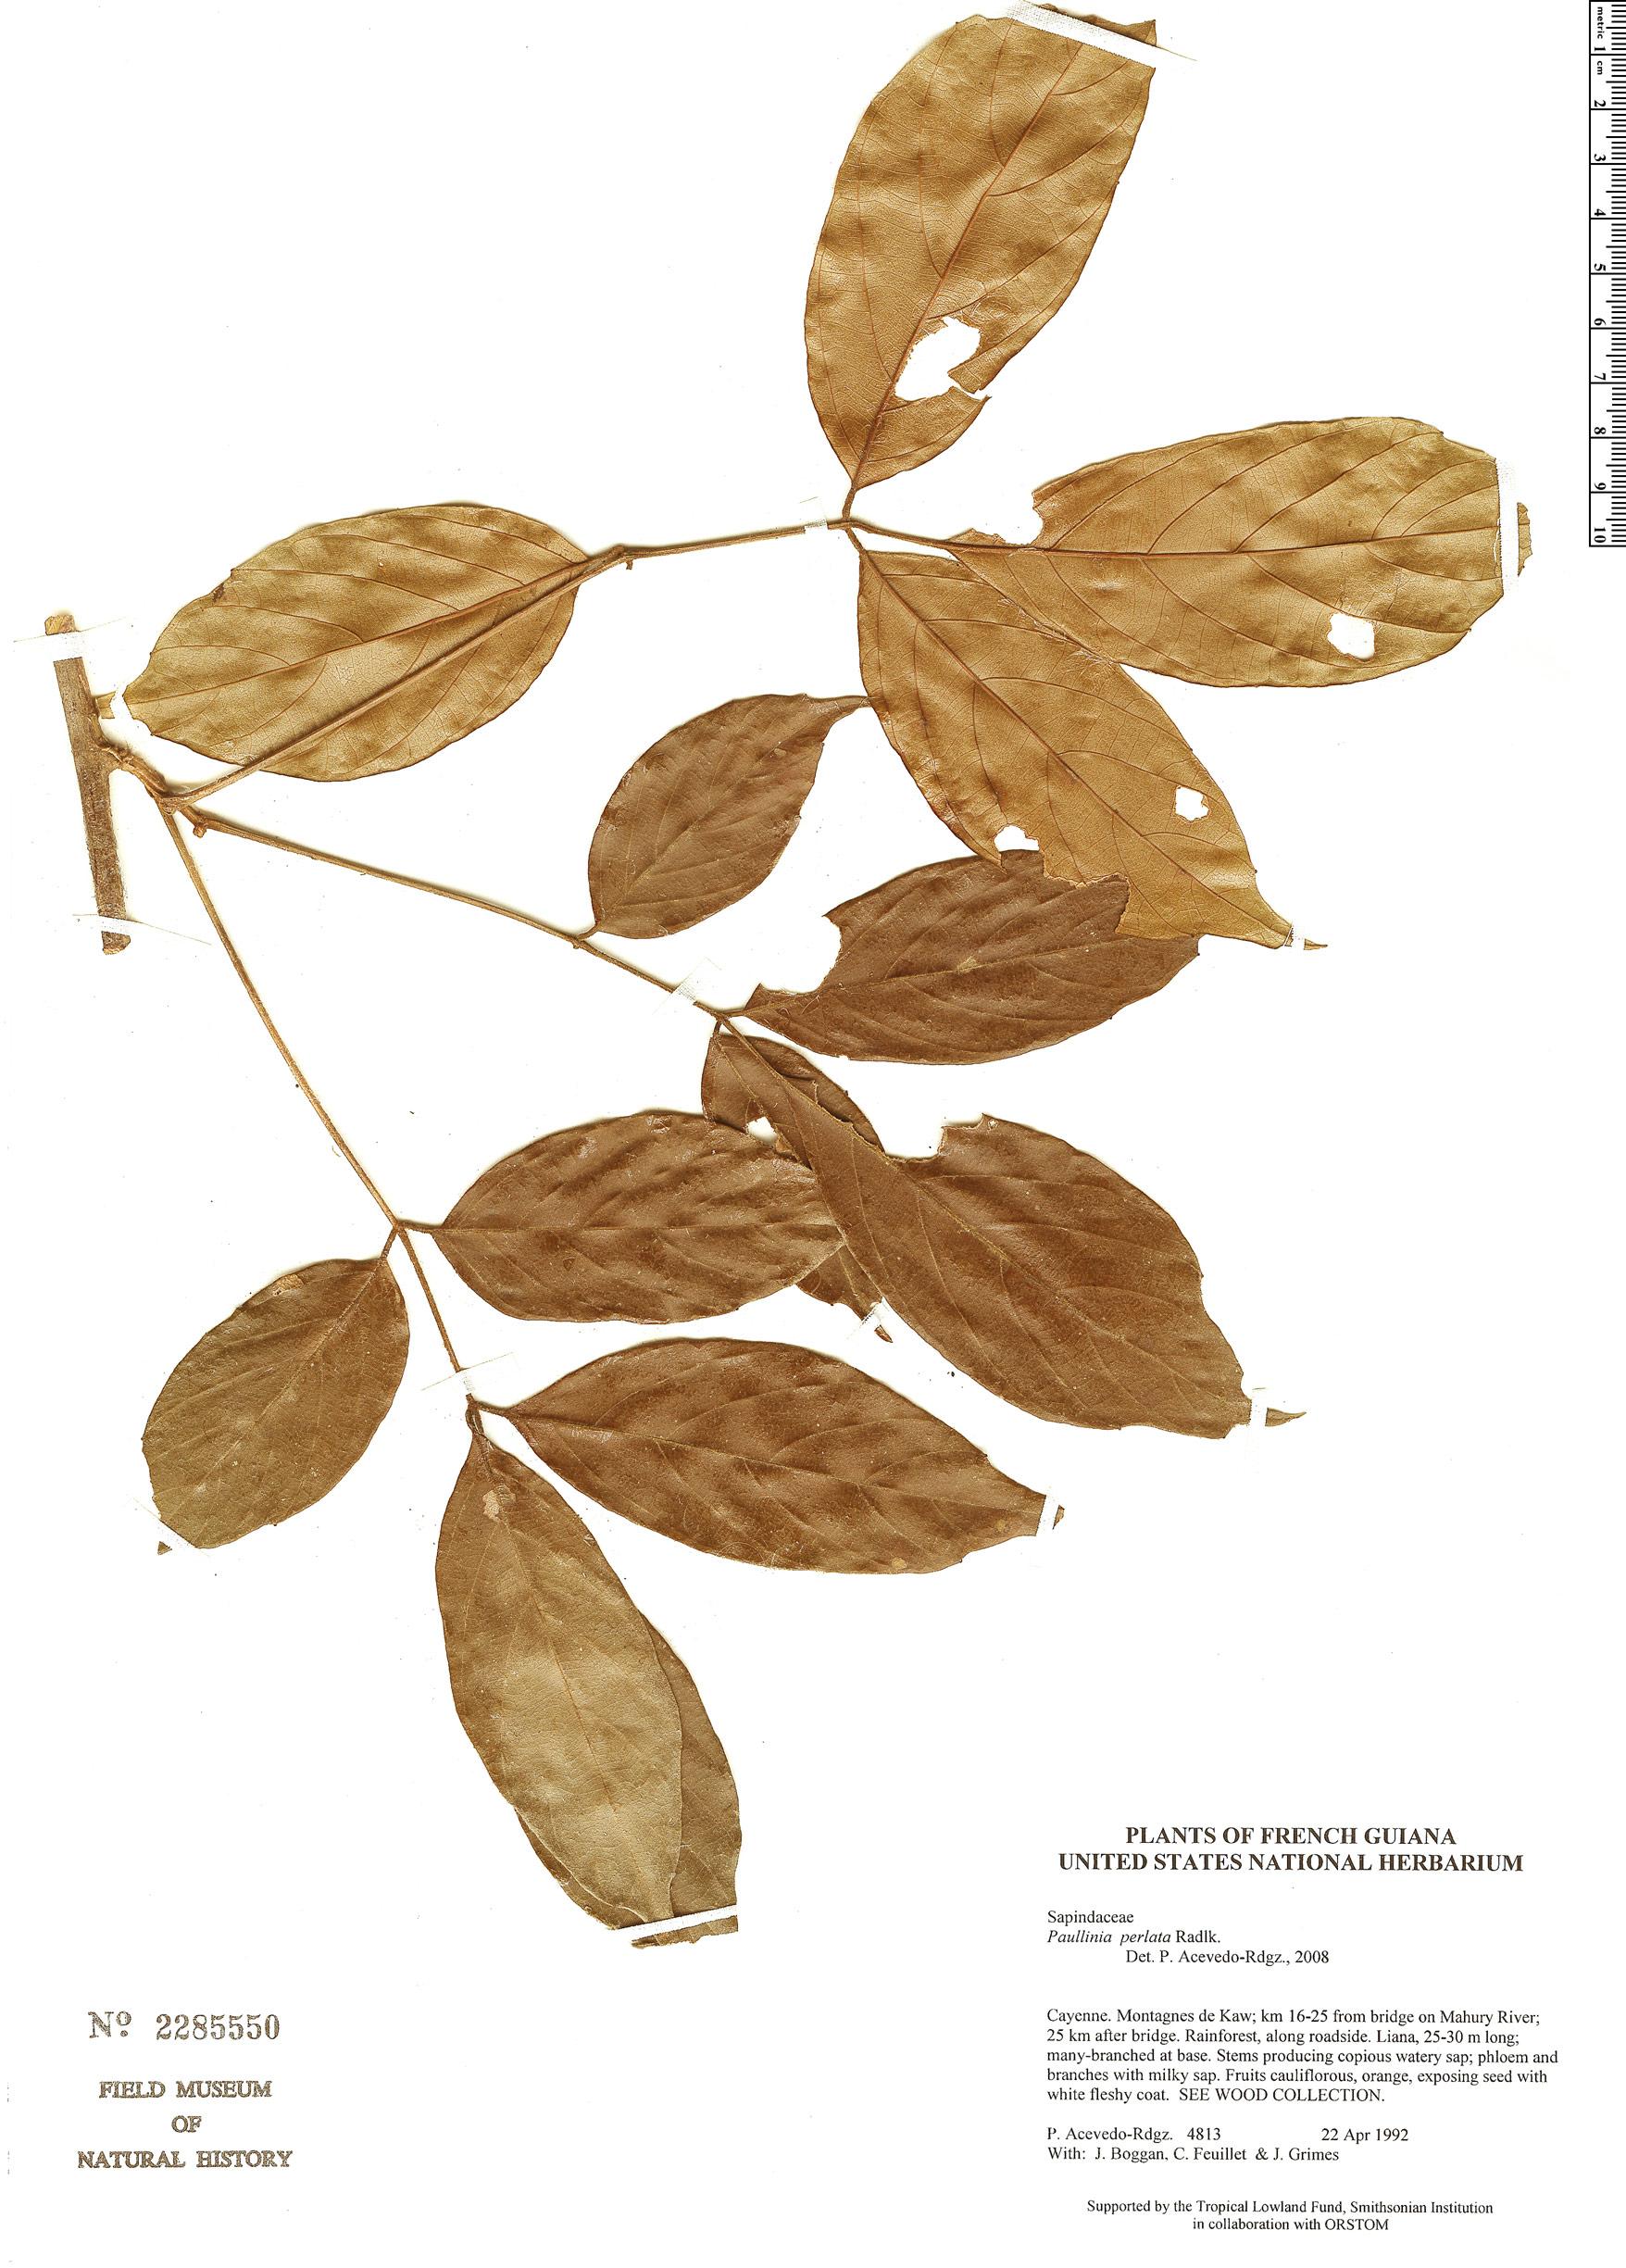 Specimen: Paullinia perlata